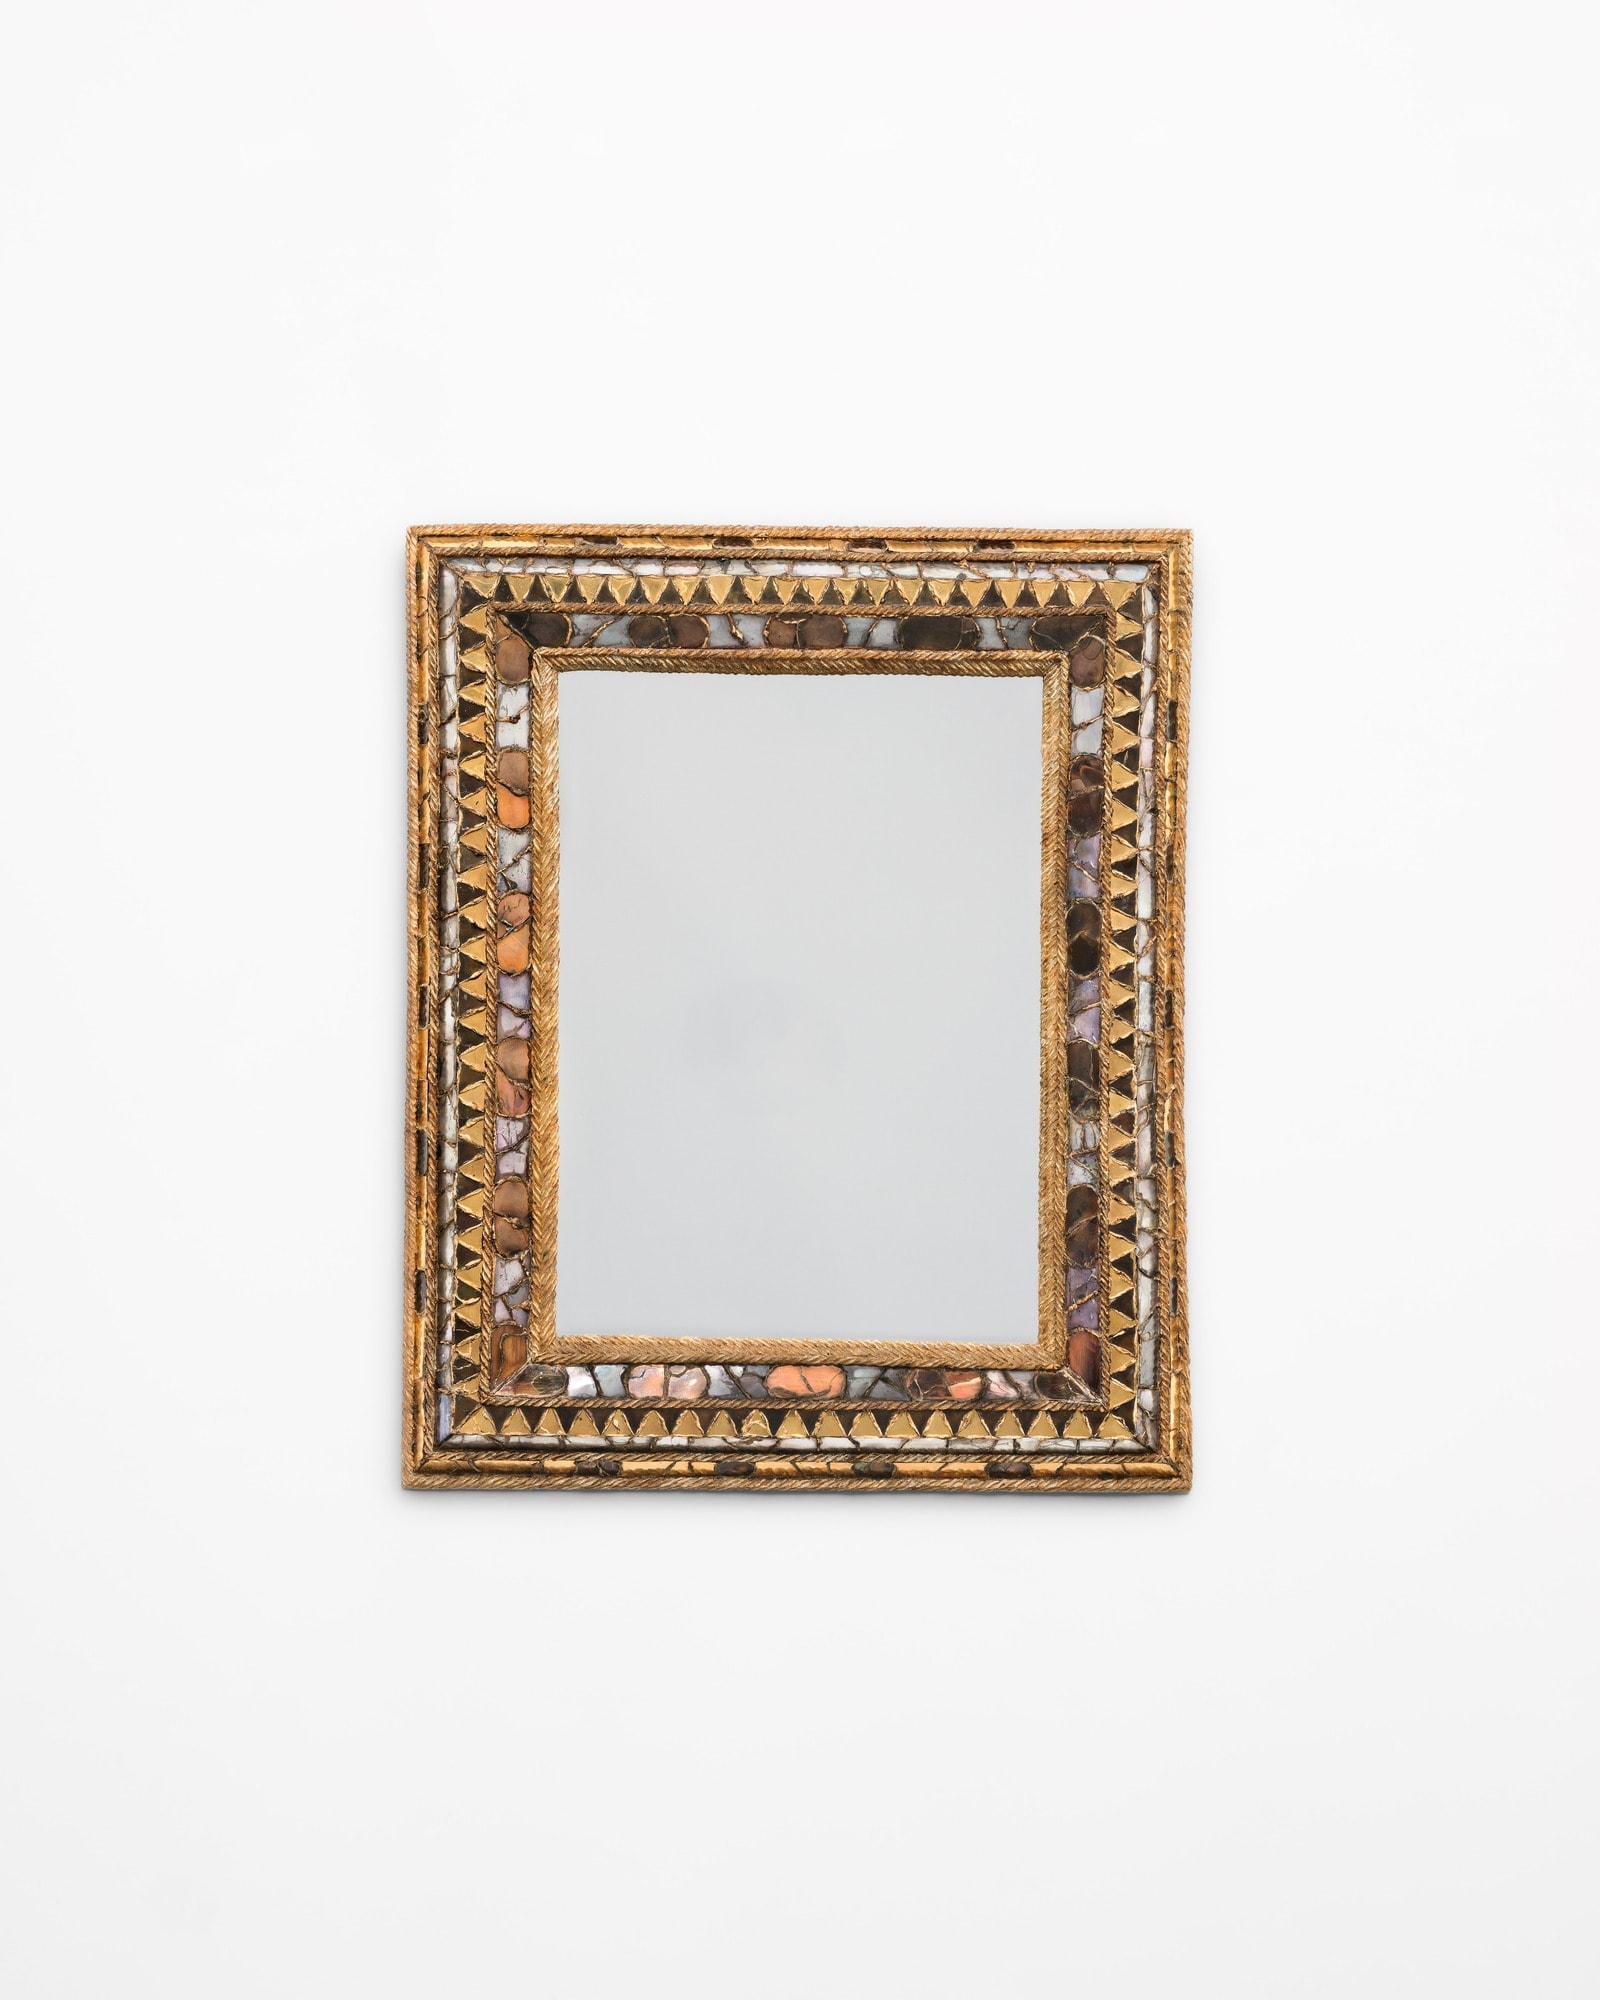 Line Vautrin, Miroir «Florence» (vendu), vue 01